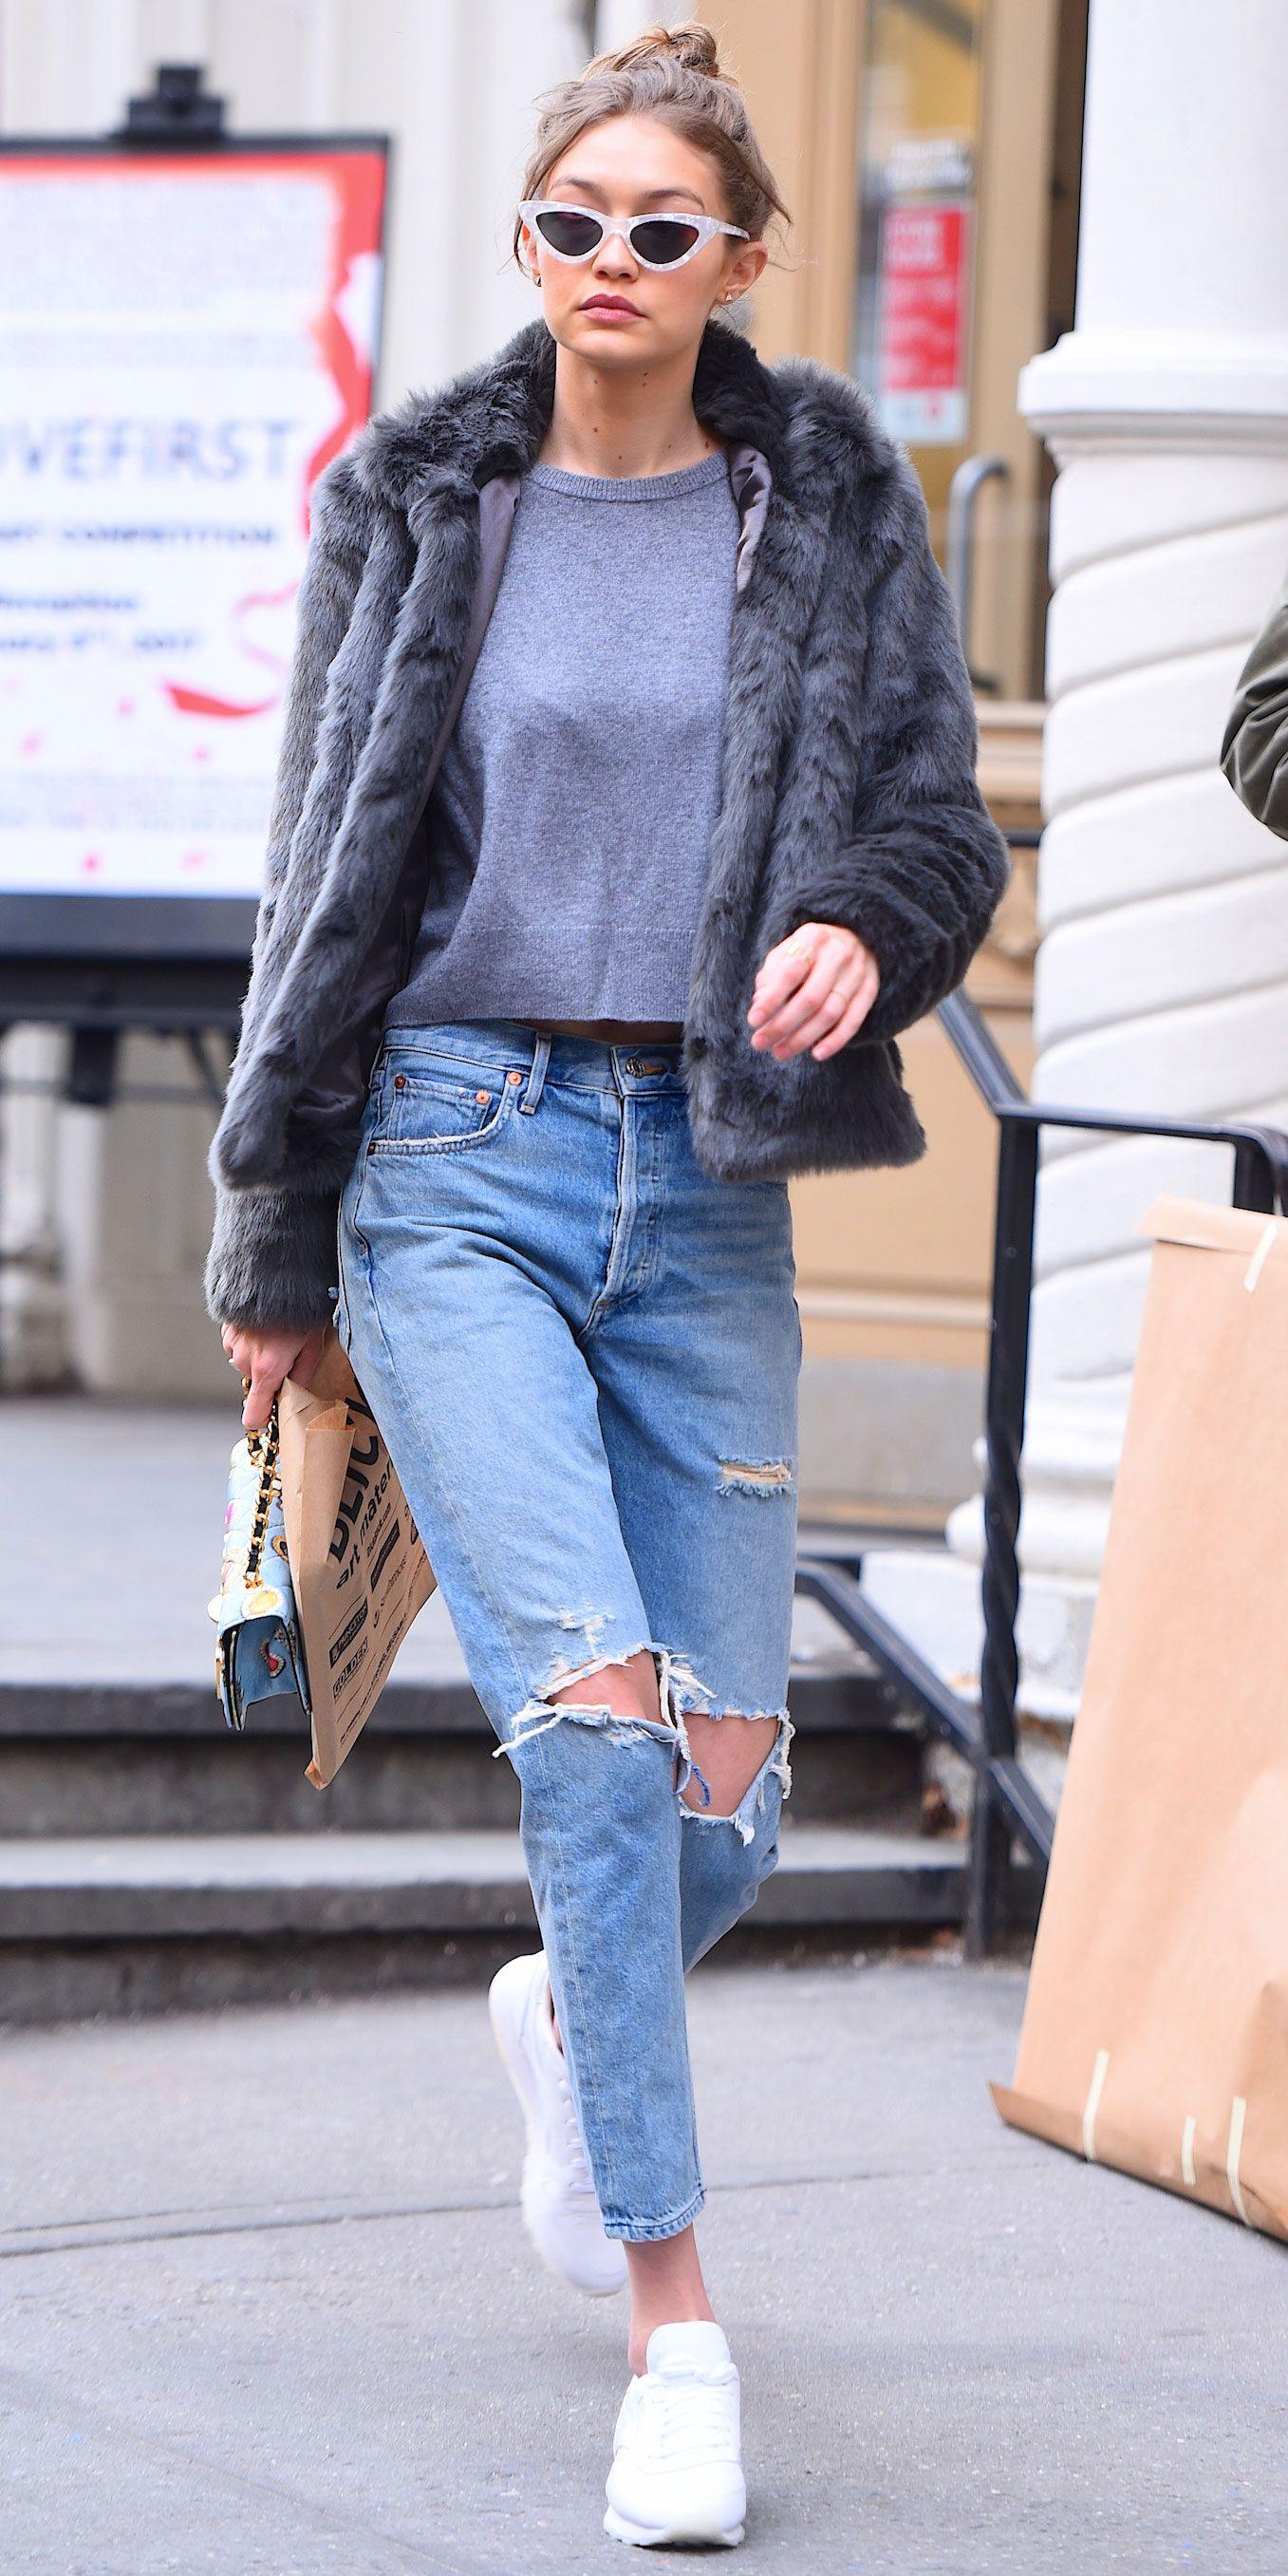 Gigi Hadid's Best Street Style Looks Gigi Hadid's Best Street Style Looks new picture